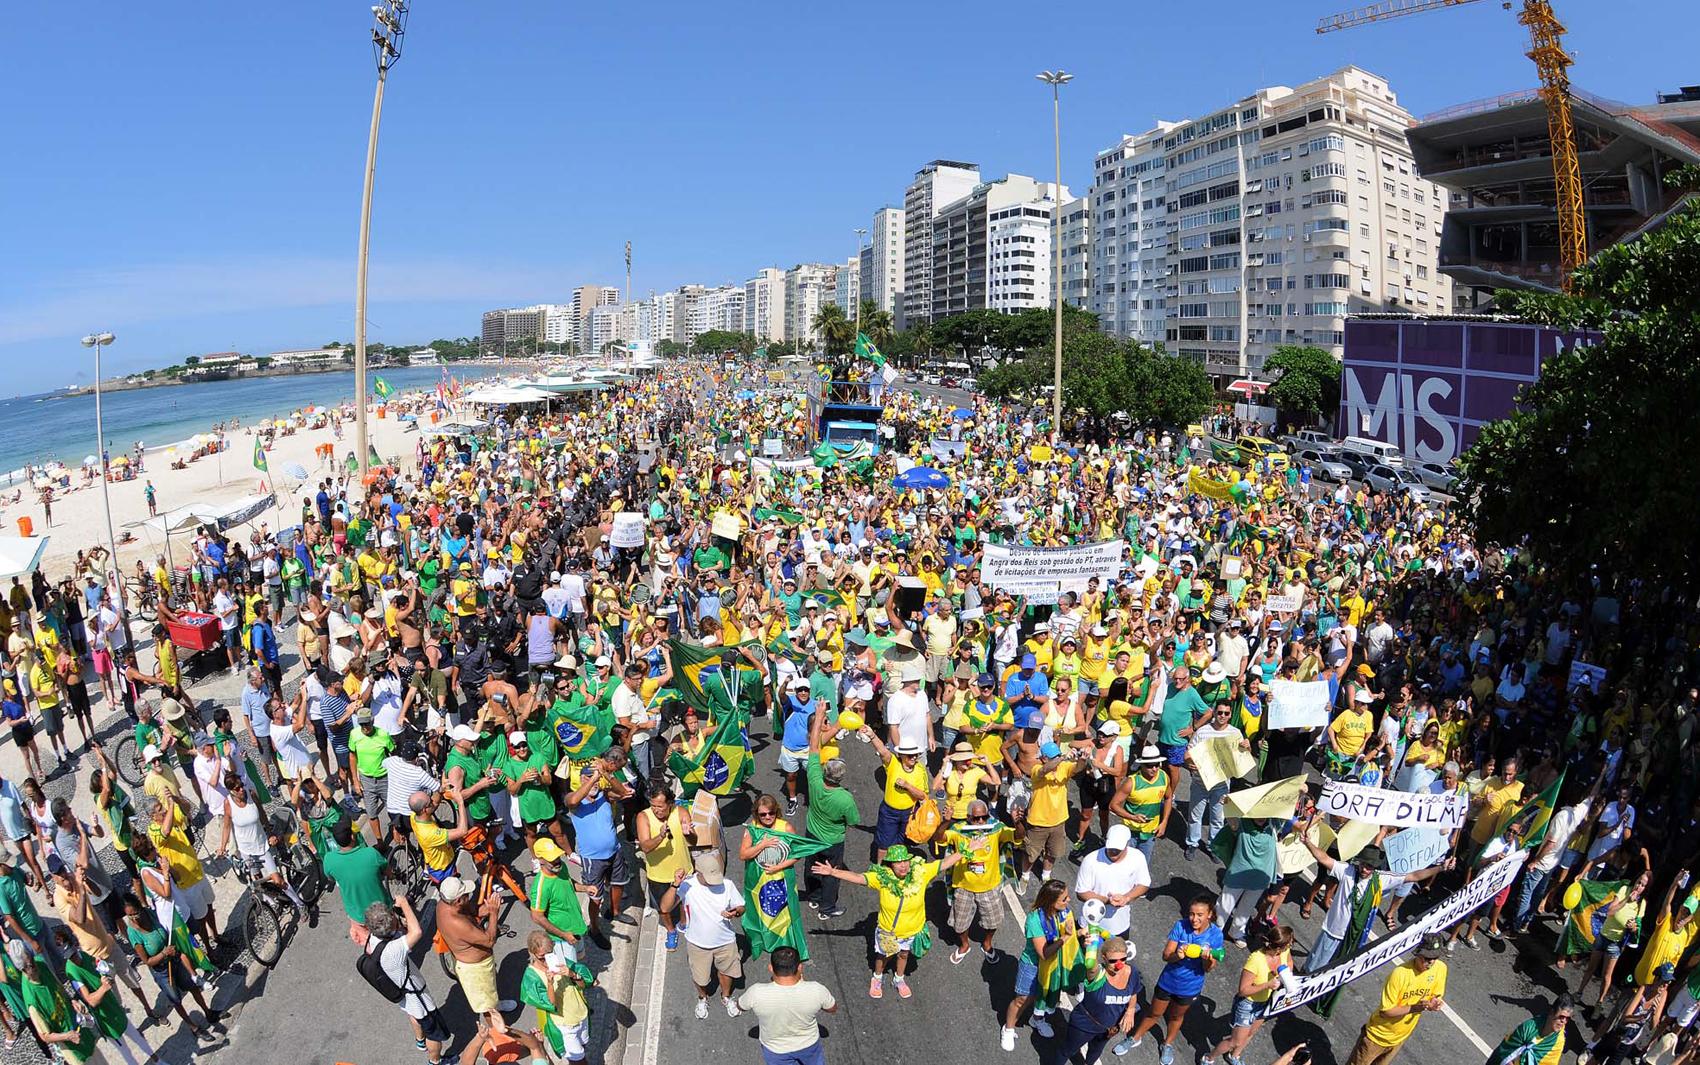 Protesto no Rio foi realizado na praia de Copacabana